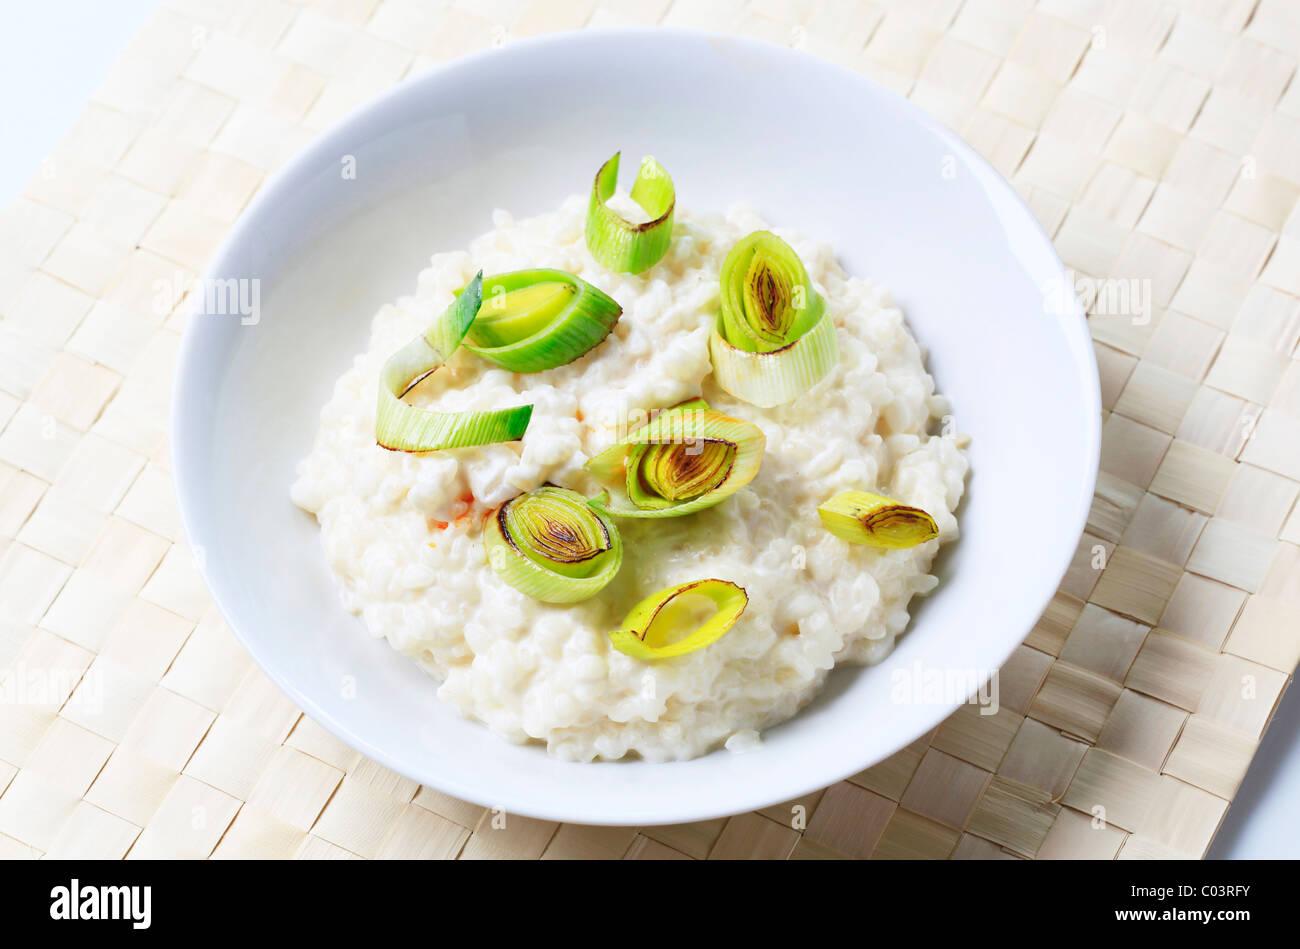 Bowl of rice pudding with leek - closeup - Stock Image